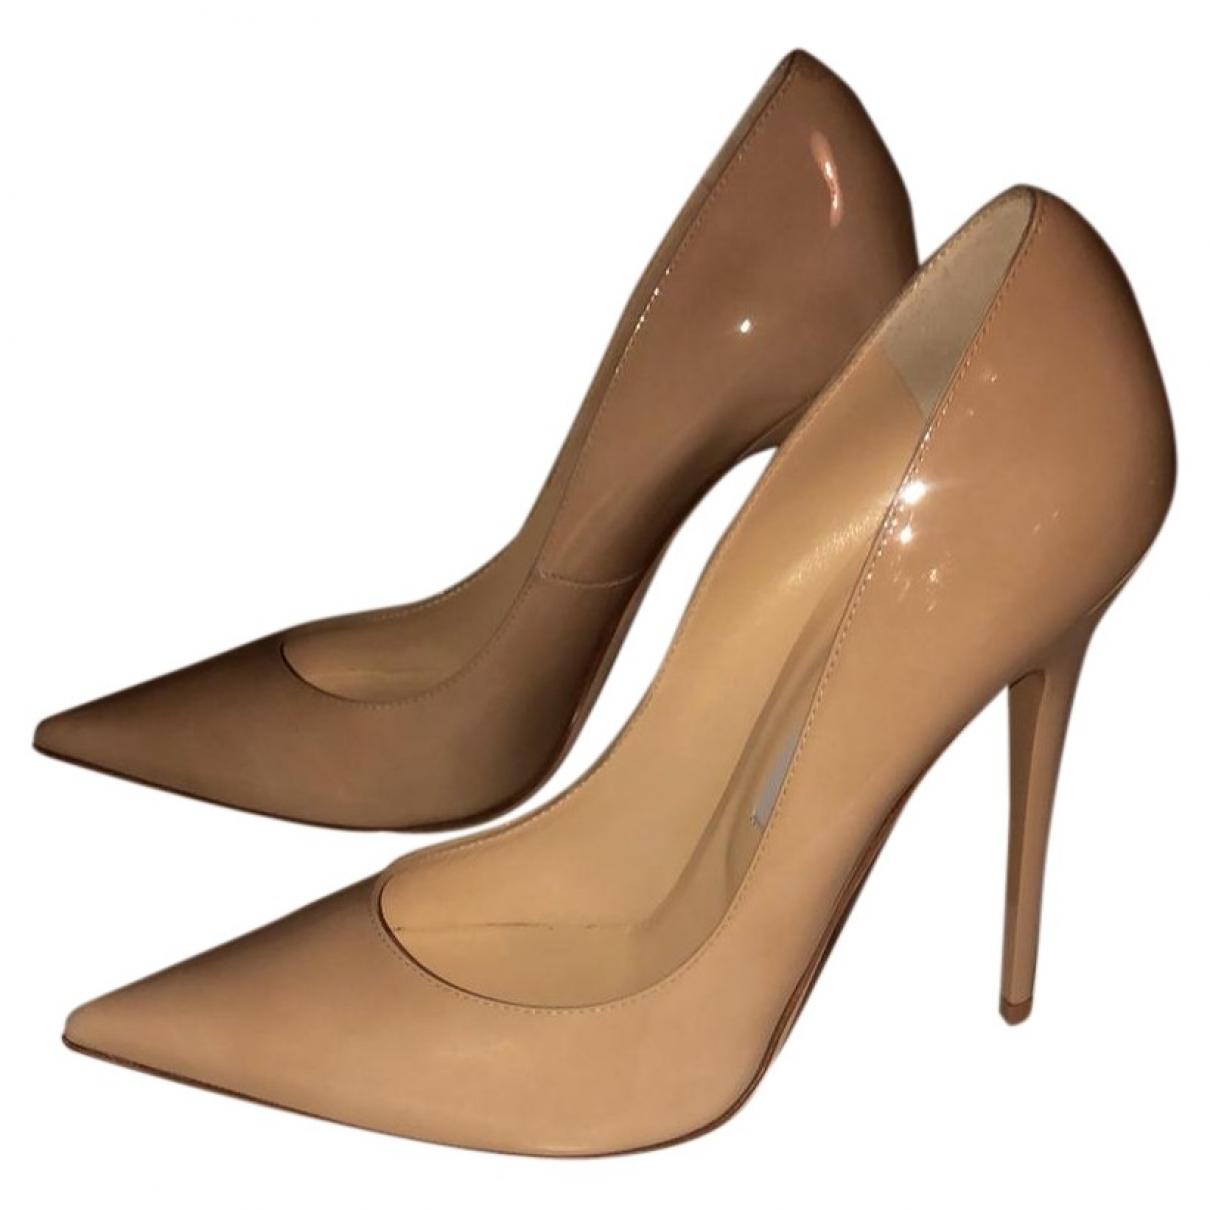 Jimmy Choo Anouk Beige Patent leather Heels for Women 40.5 EU